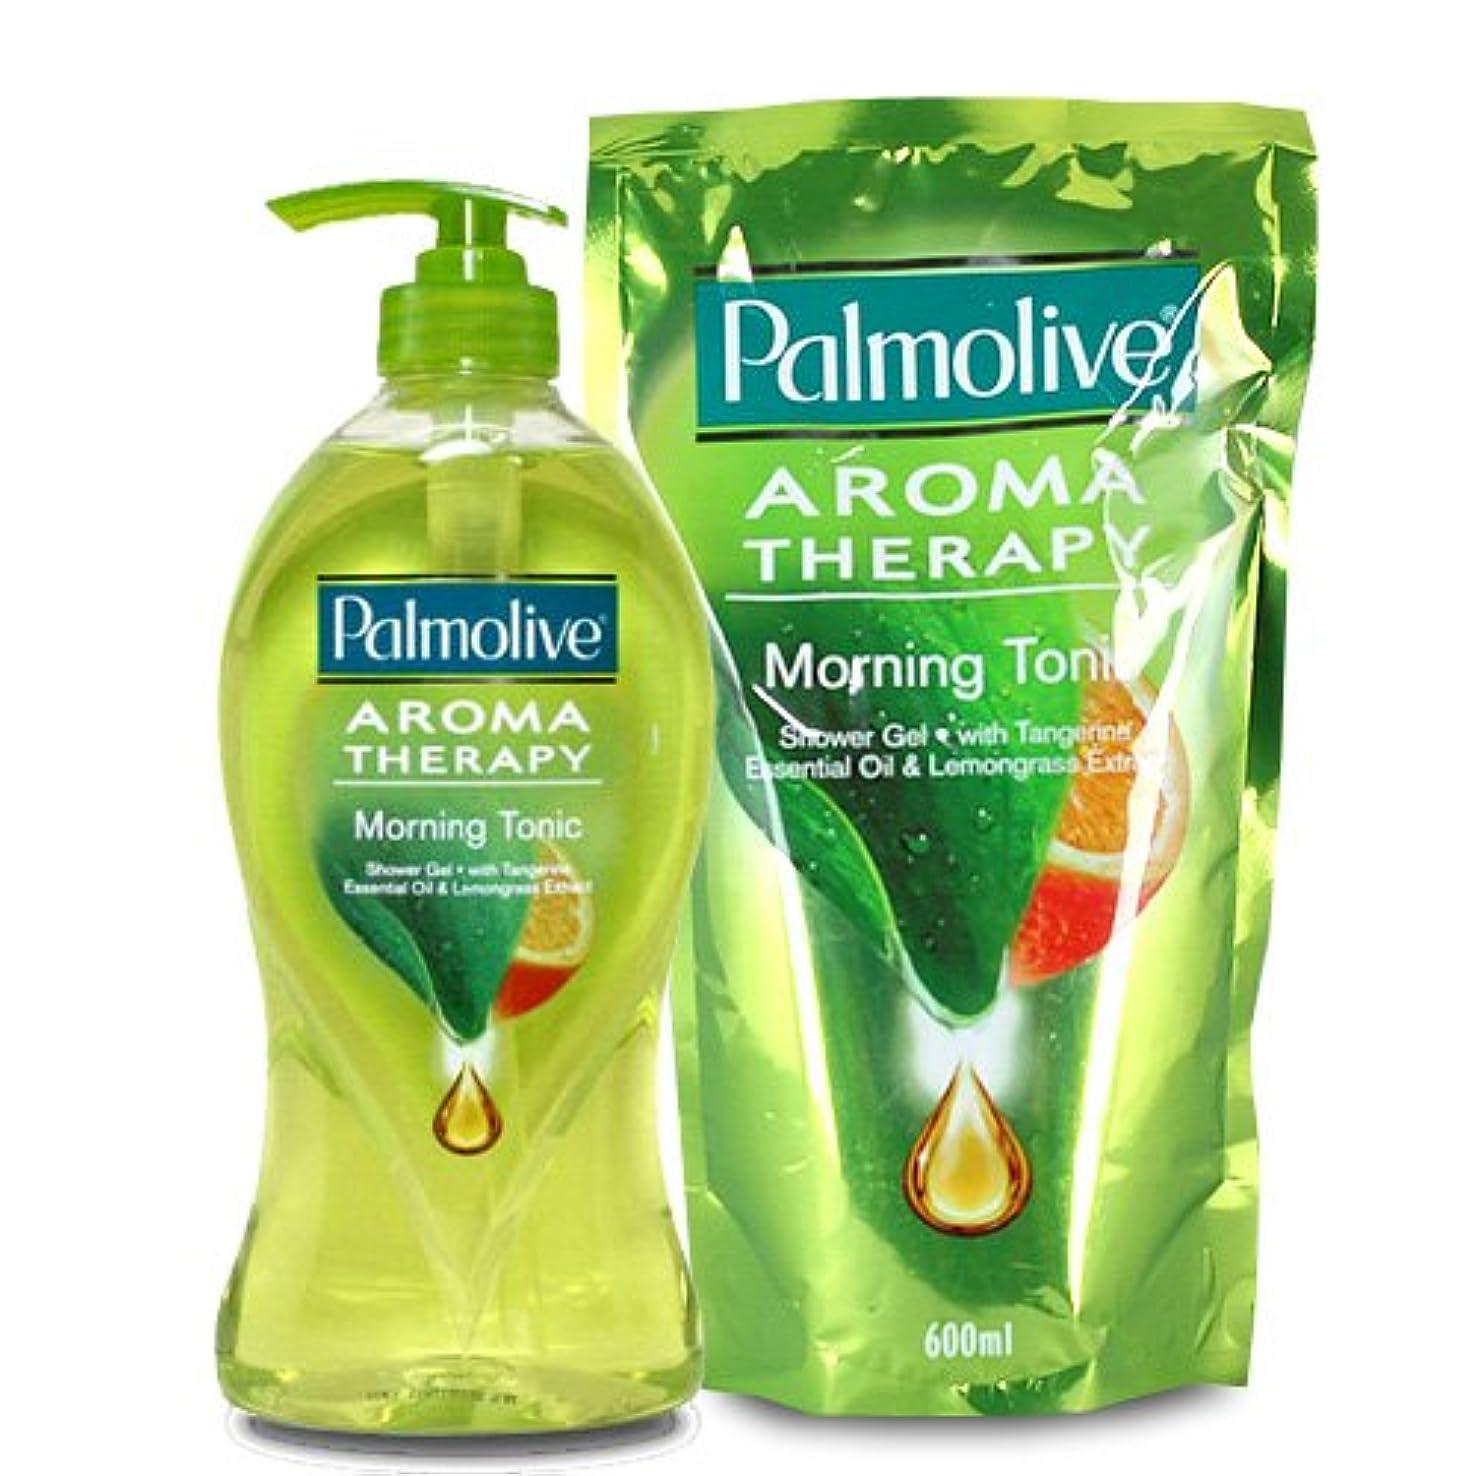 酸化物スリットスチール【Palmolive】パルモリーブ アロマセラピーシャワージェル ボトルと詰め替えのセット (モーニングトニック)